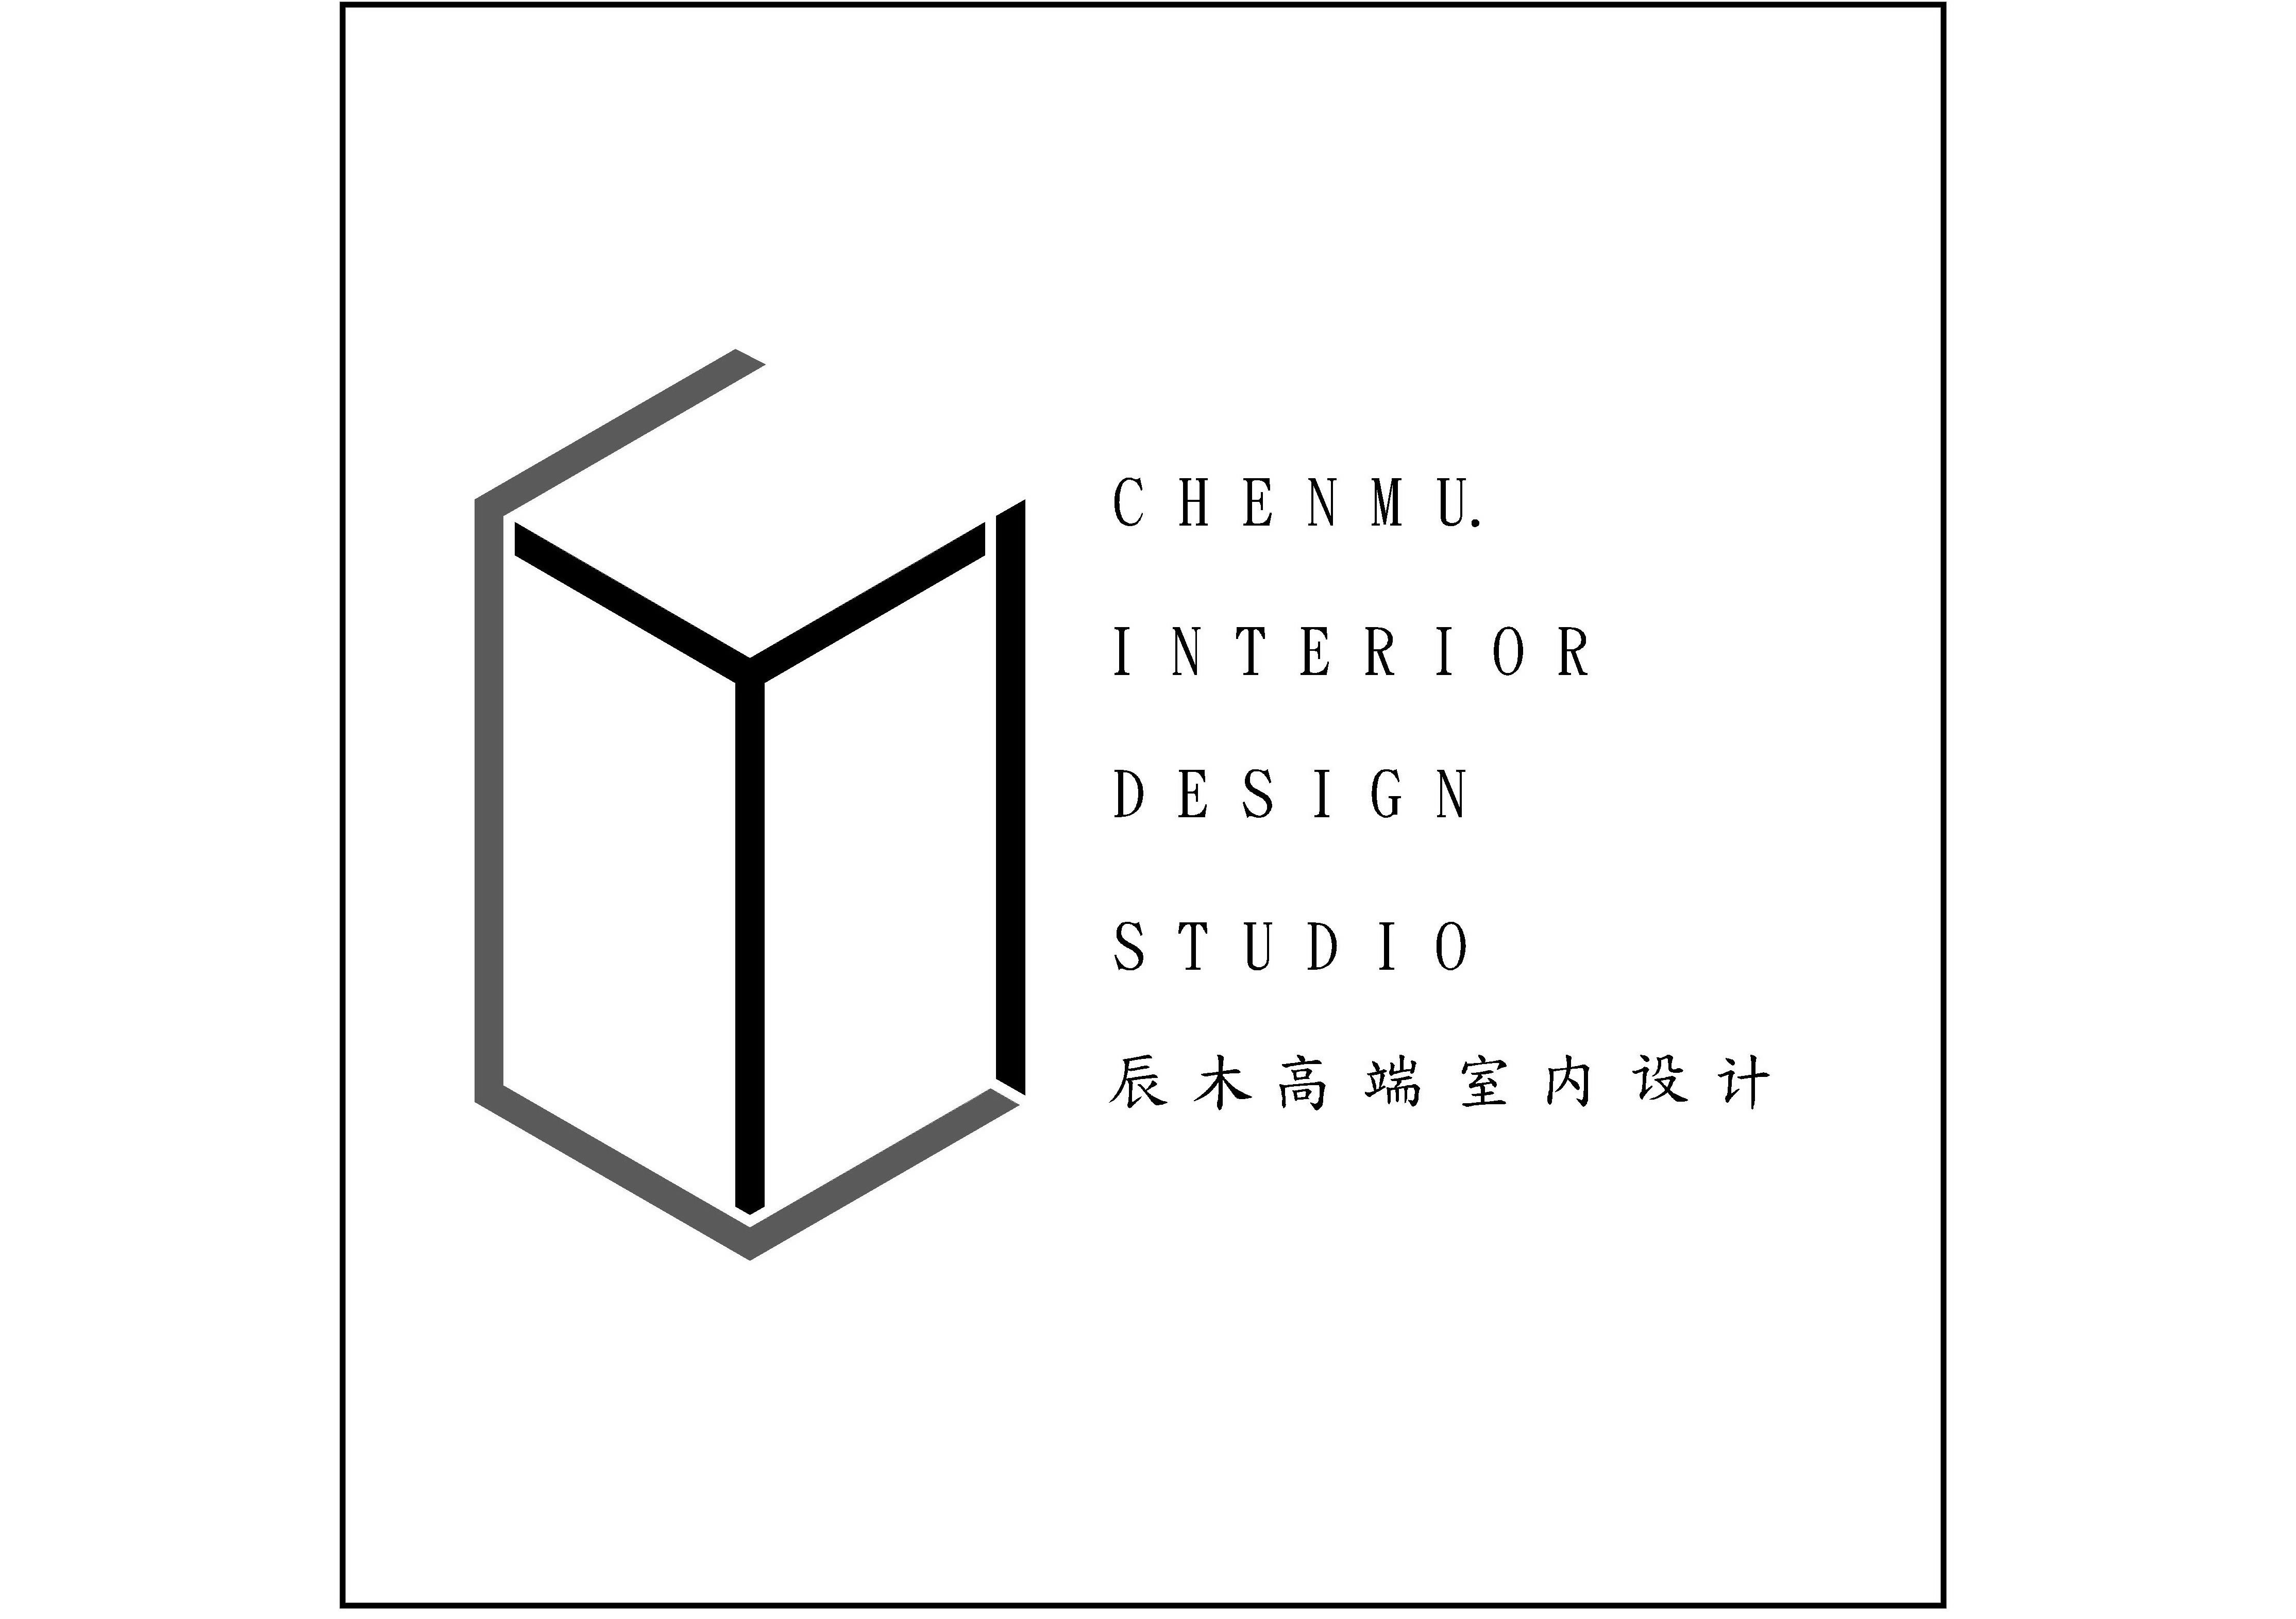 常州辰木装饰设计有限公司